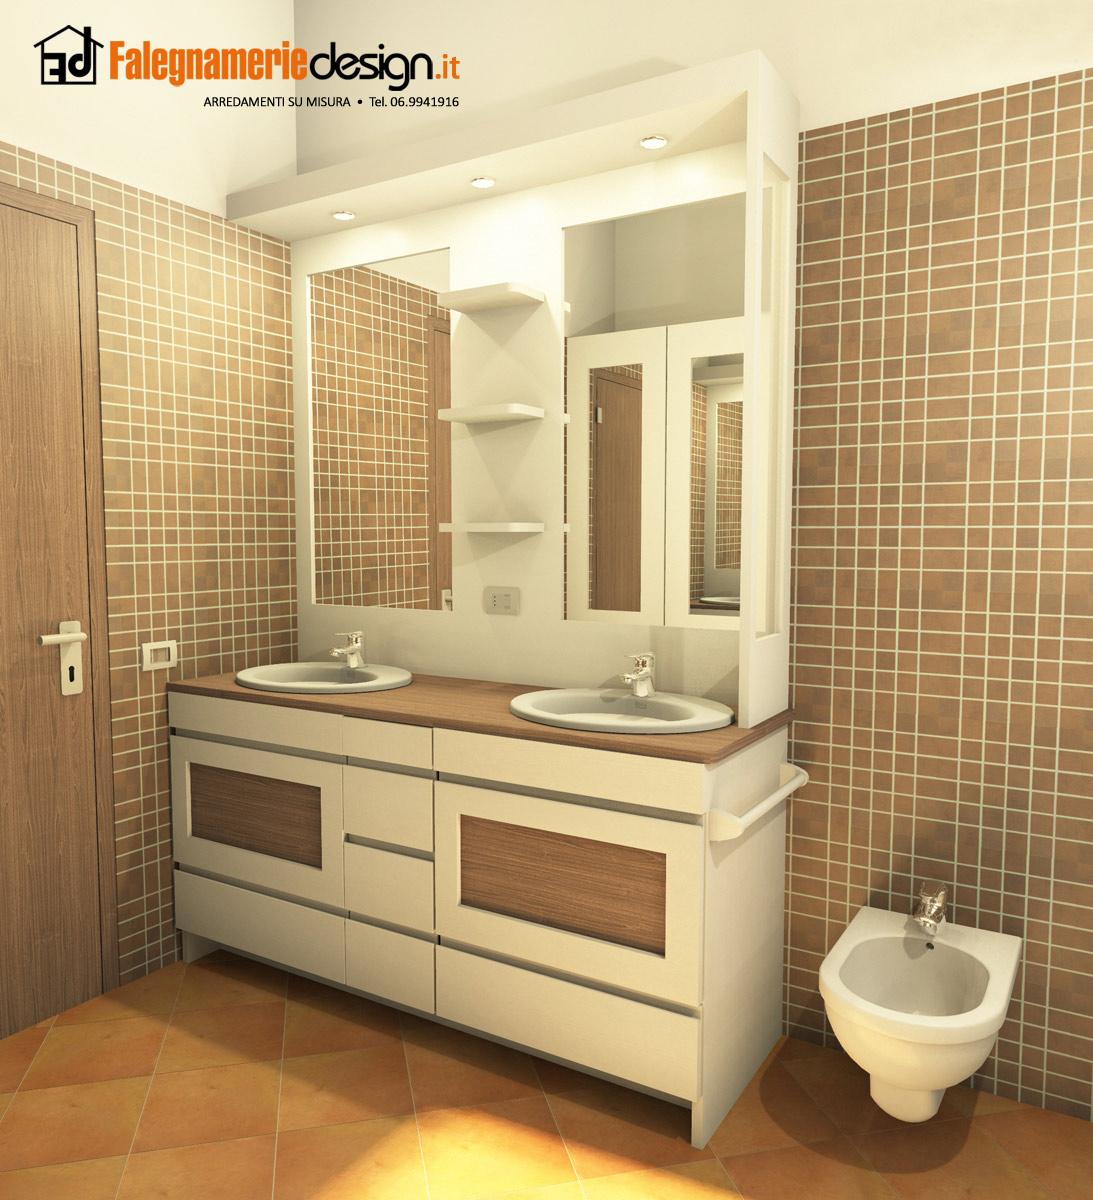 Progetto 3d mobile bagno arredamenti e mobili su misura roma - Progetto bagno 3d gratis ...